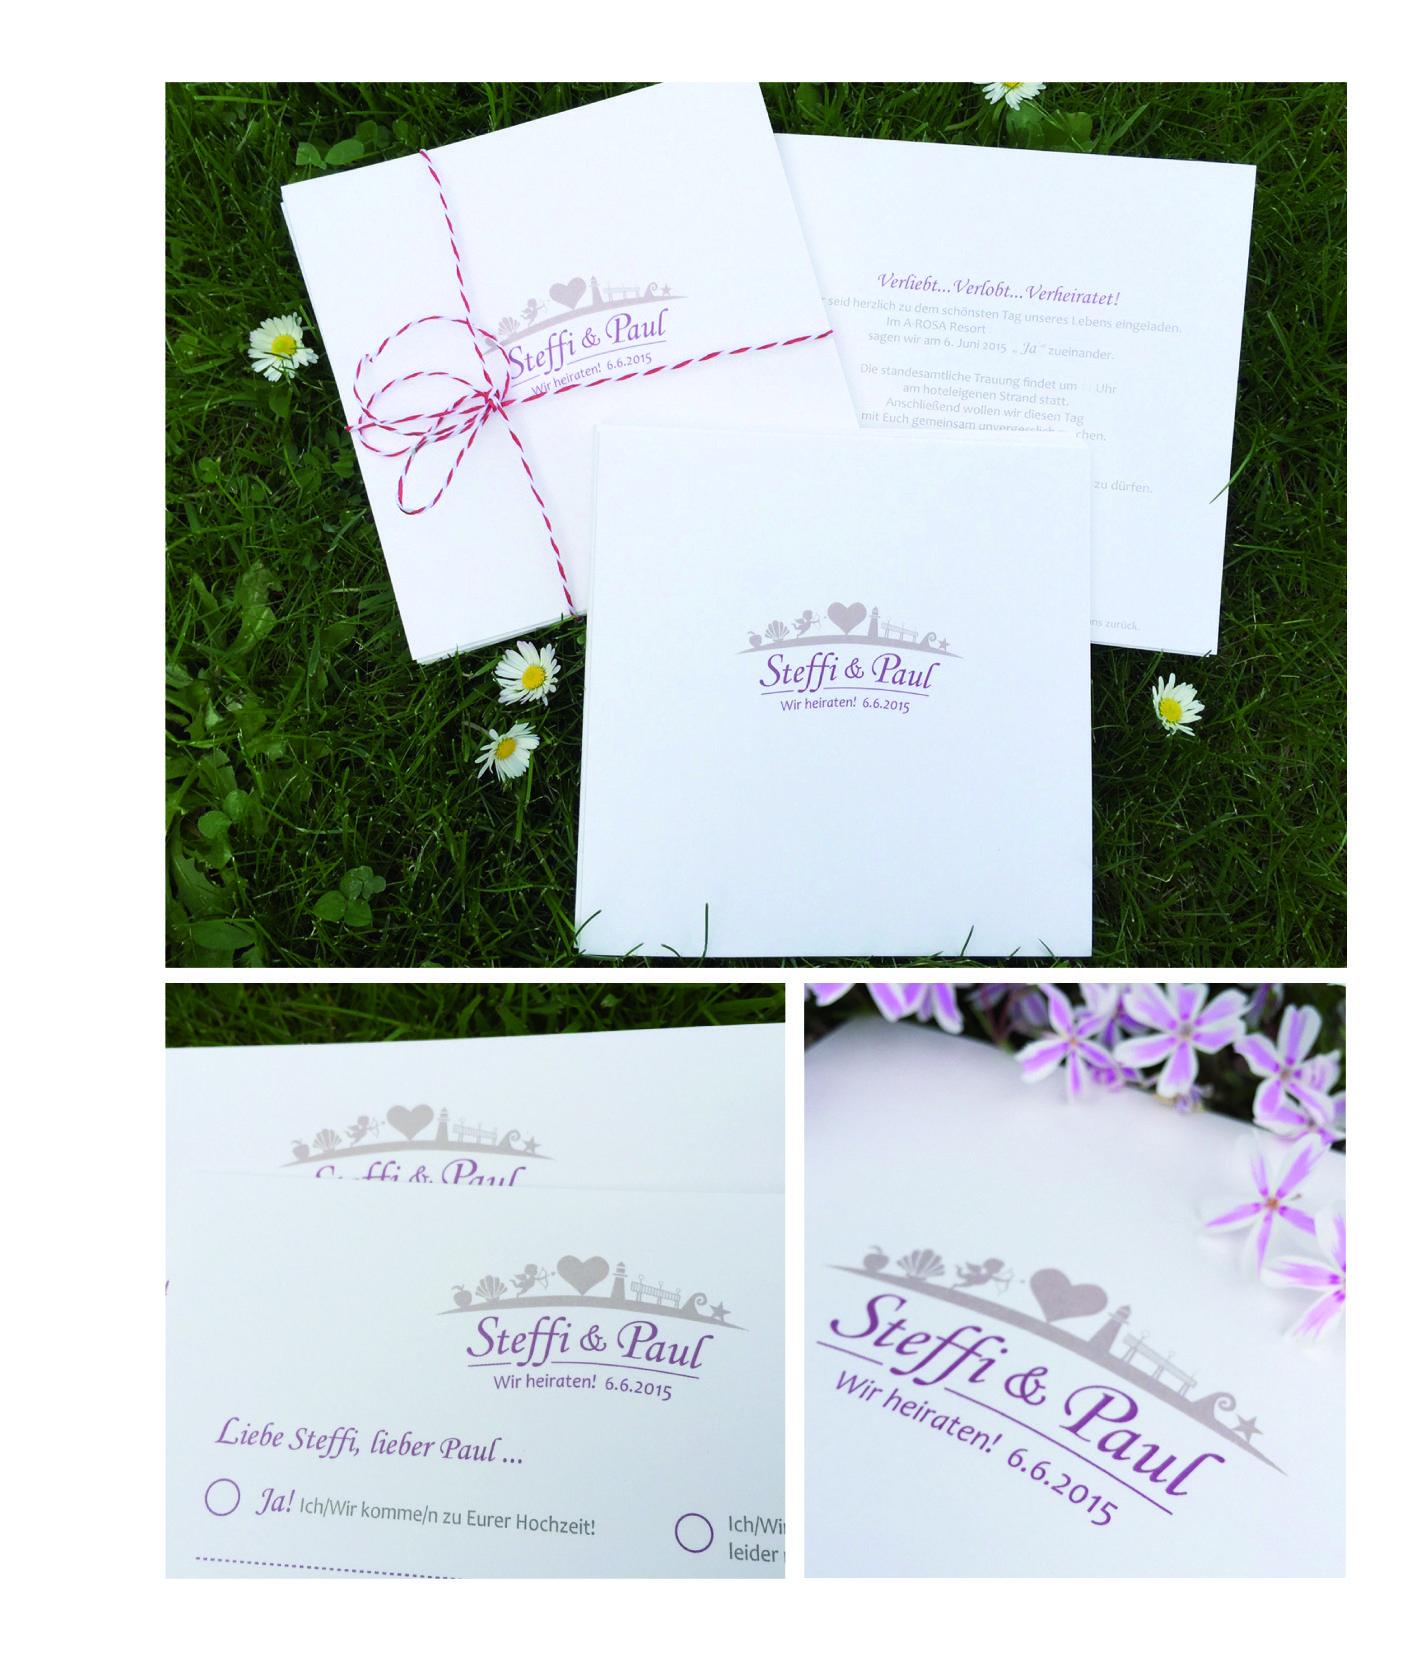 Wedding _ Einladung mit Antwortkarte im individuellen ganz persönlichen Design mit Hochzeitslogo _ quadratisch _weiter Papeterie ist in Arbeit _